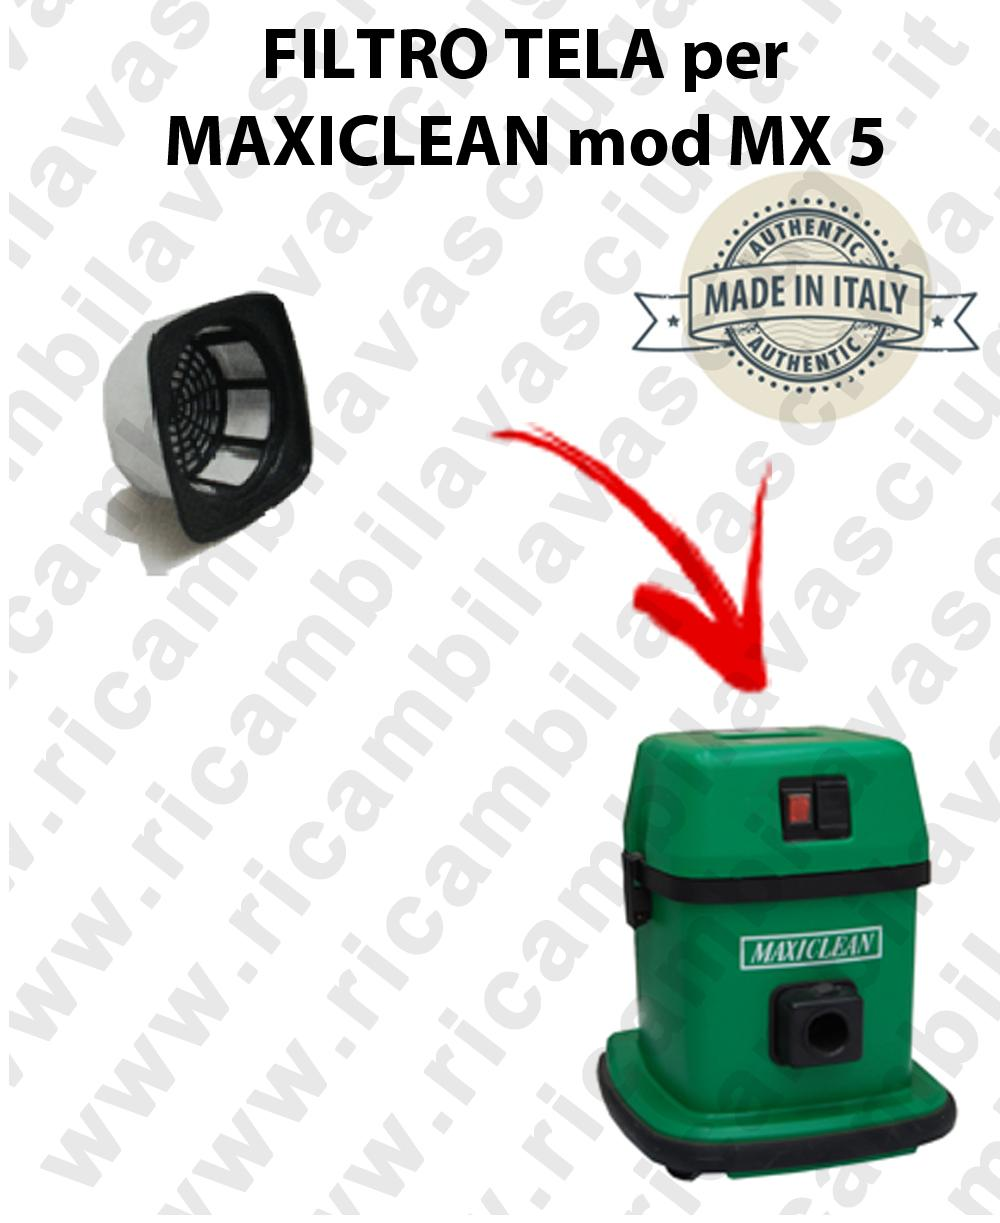 MX5 Leinwandfilter für Staubsauger MAXICLEAN